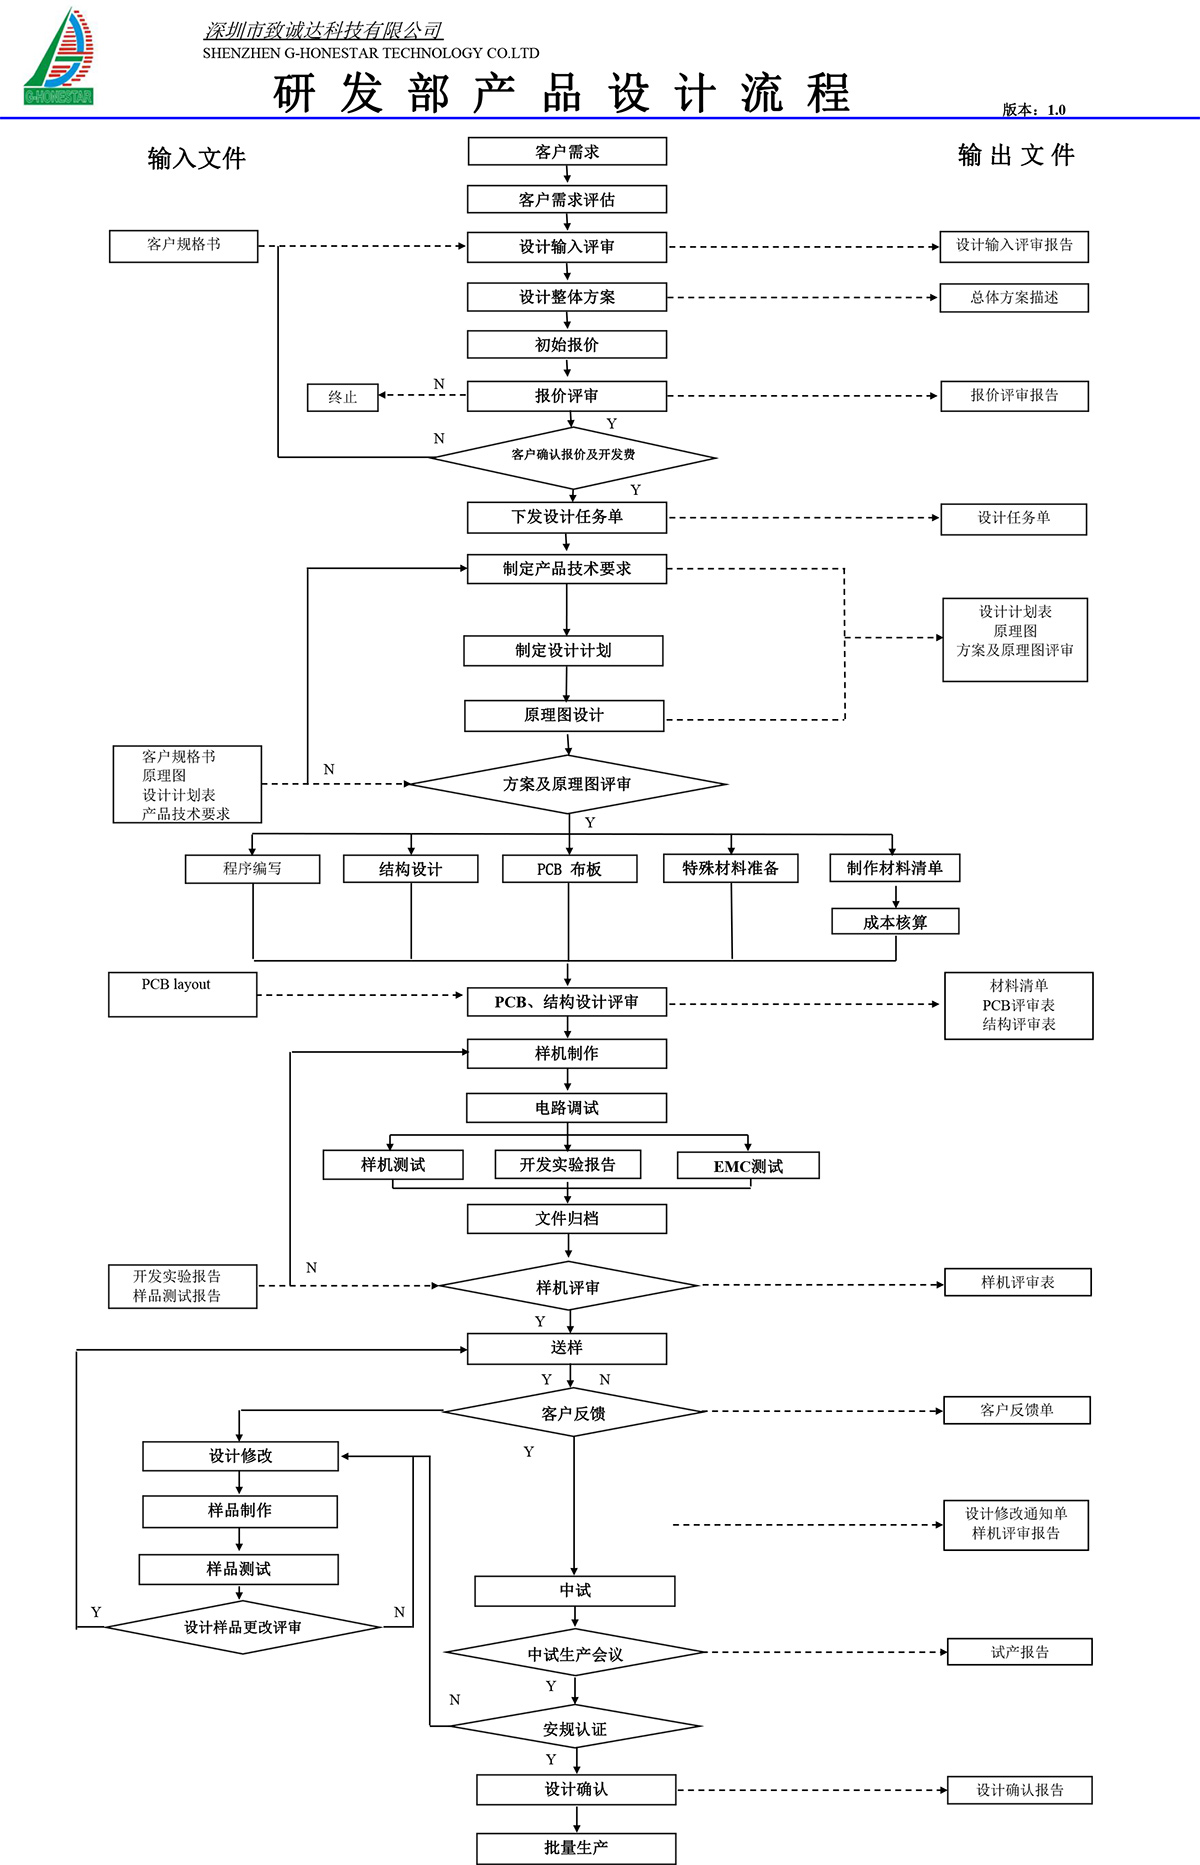 电机方案开发流程